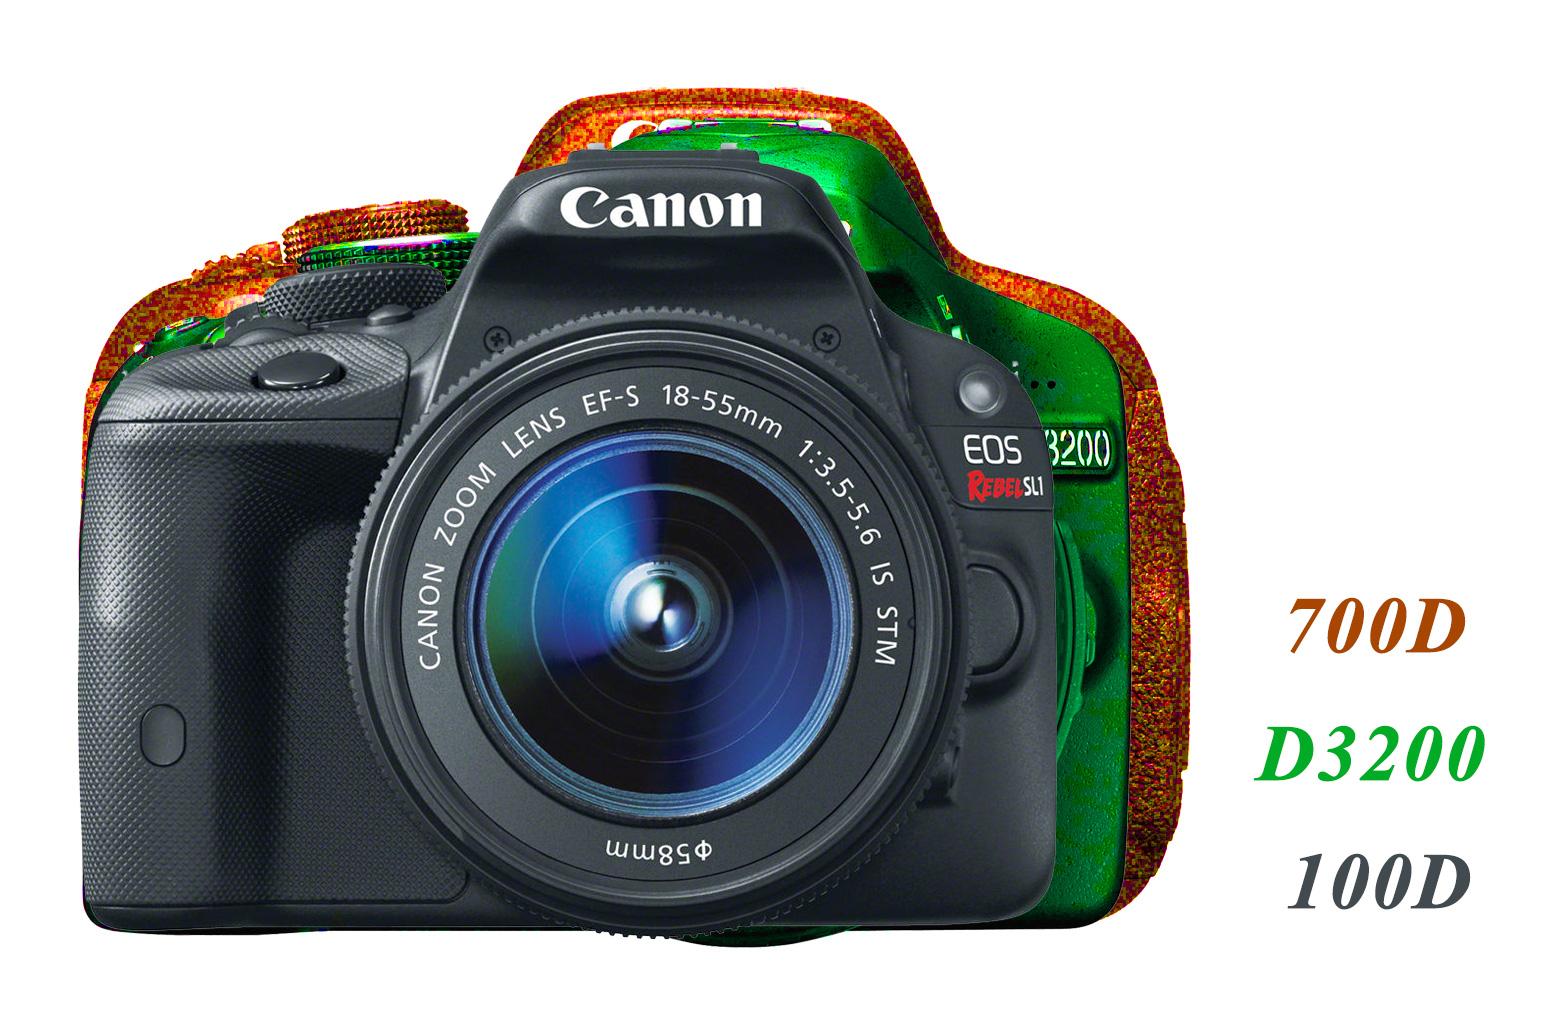 Canon vs Nikon Photo Comparison